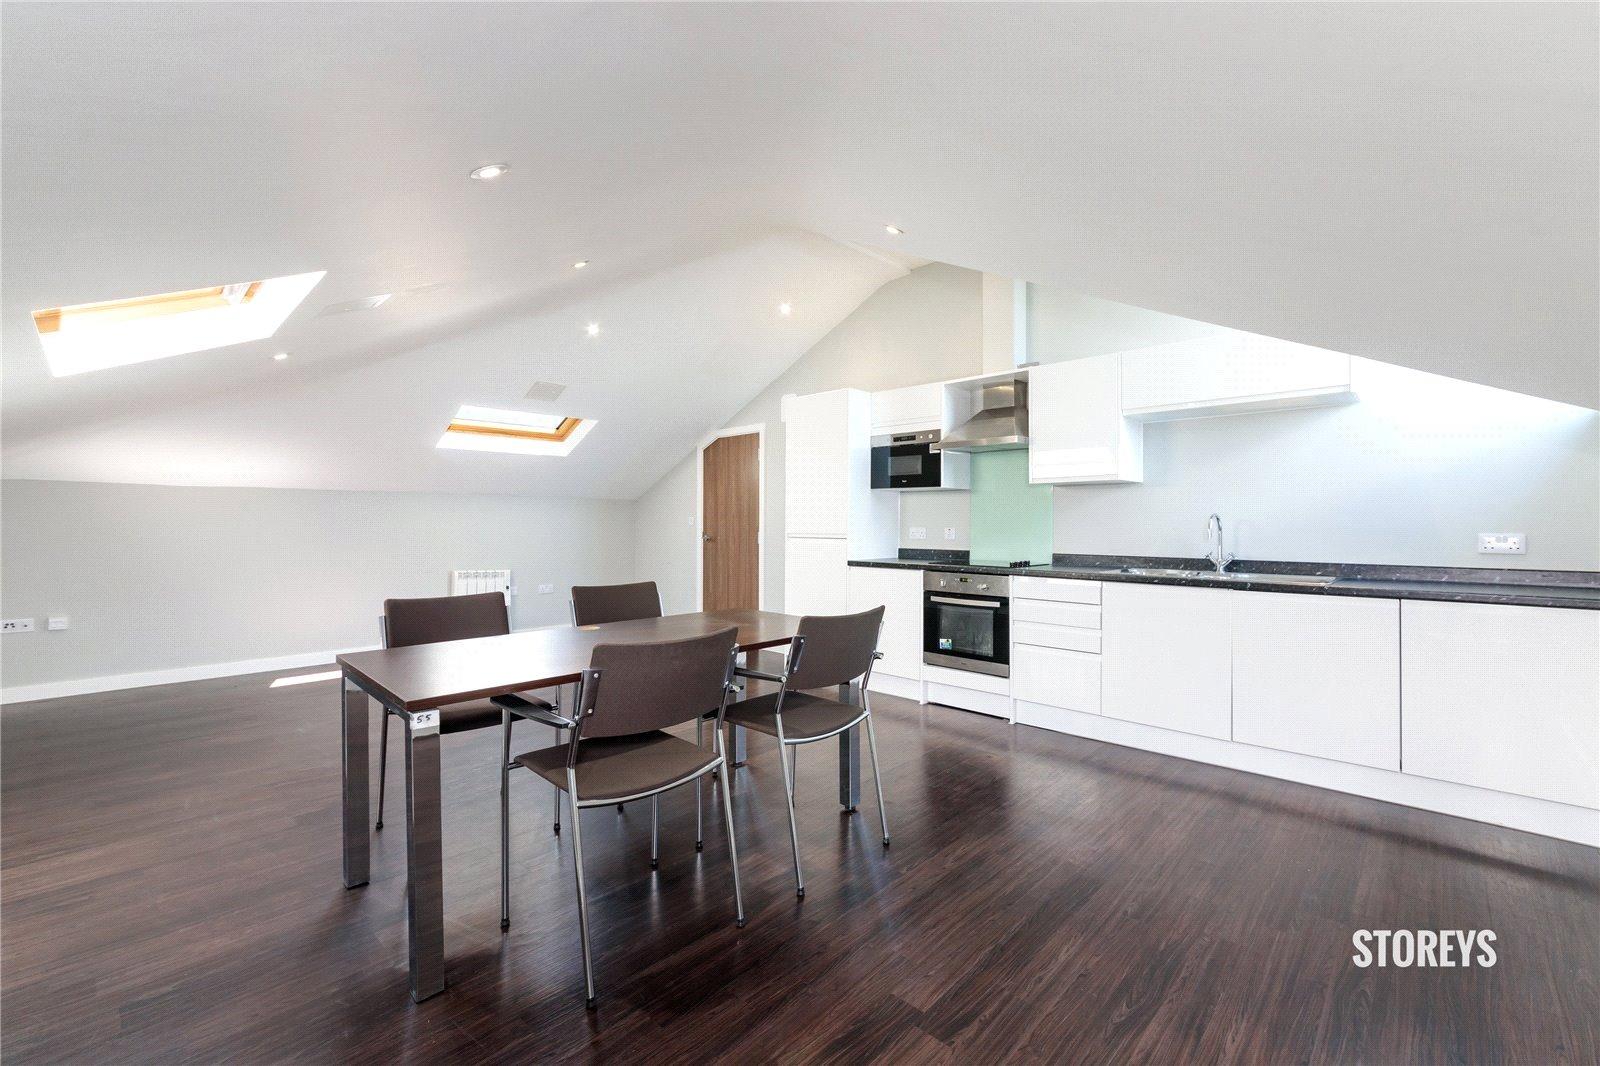 Axis House  Bath Road  Heathrow  UB3